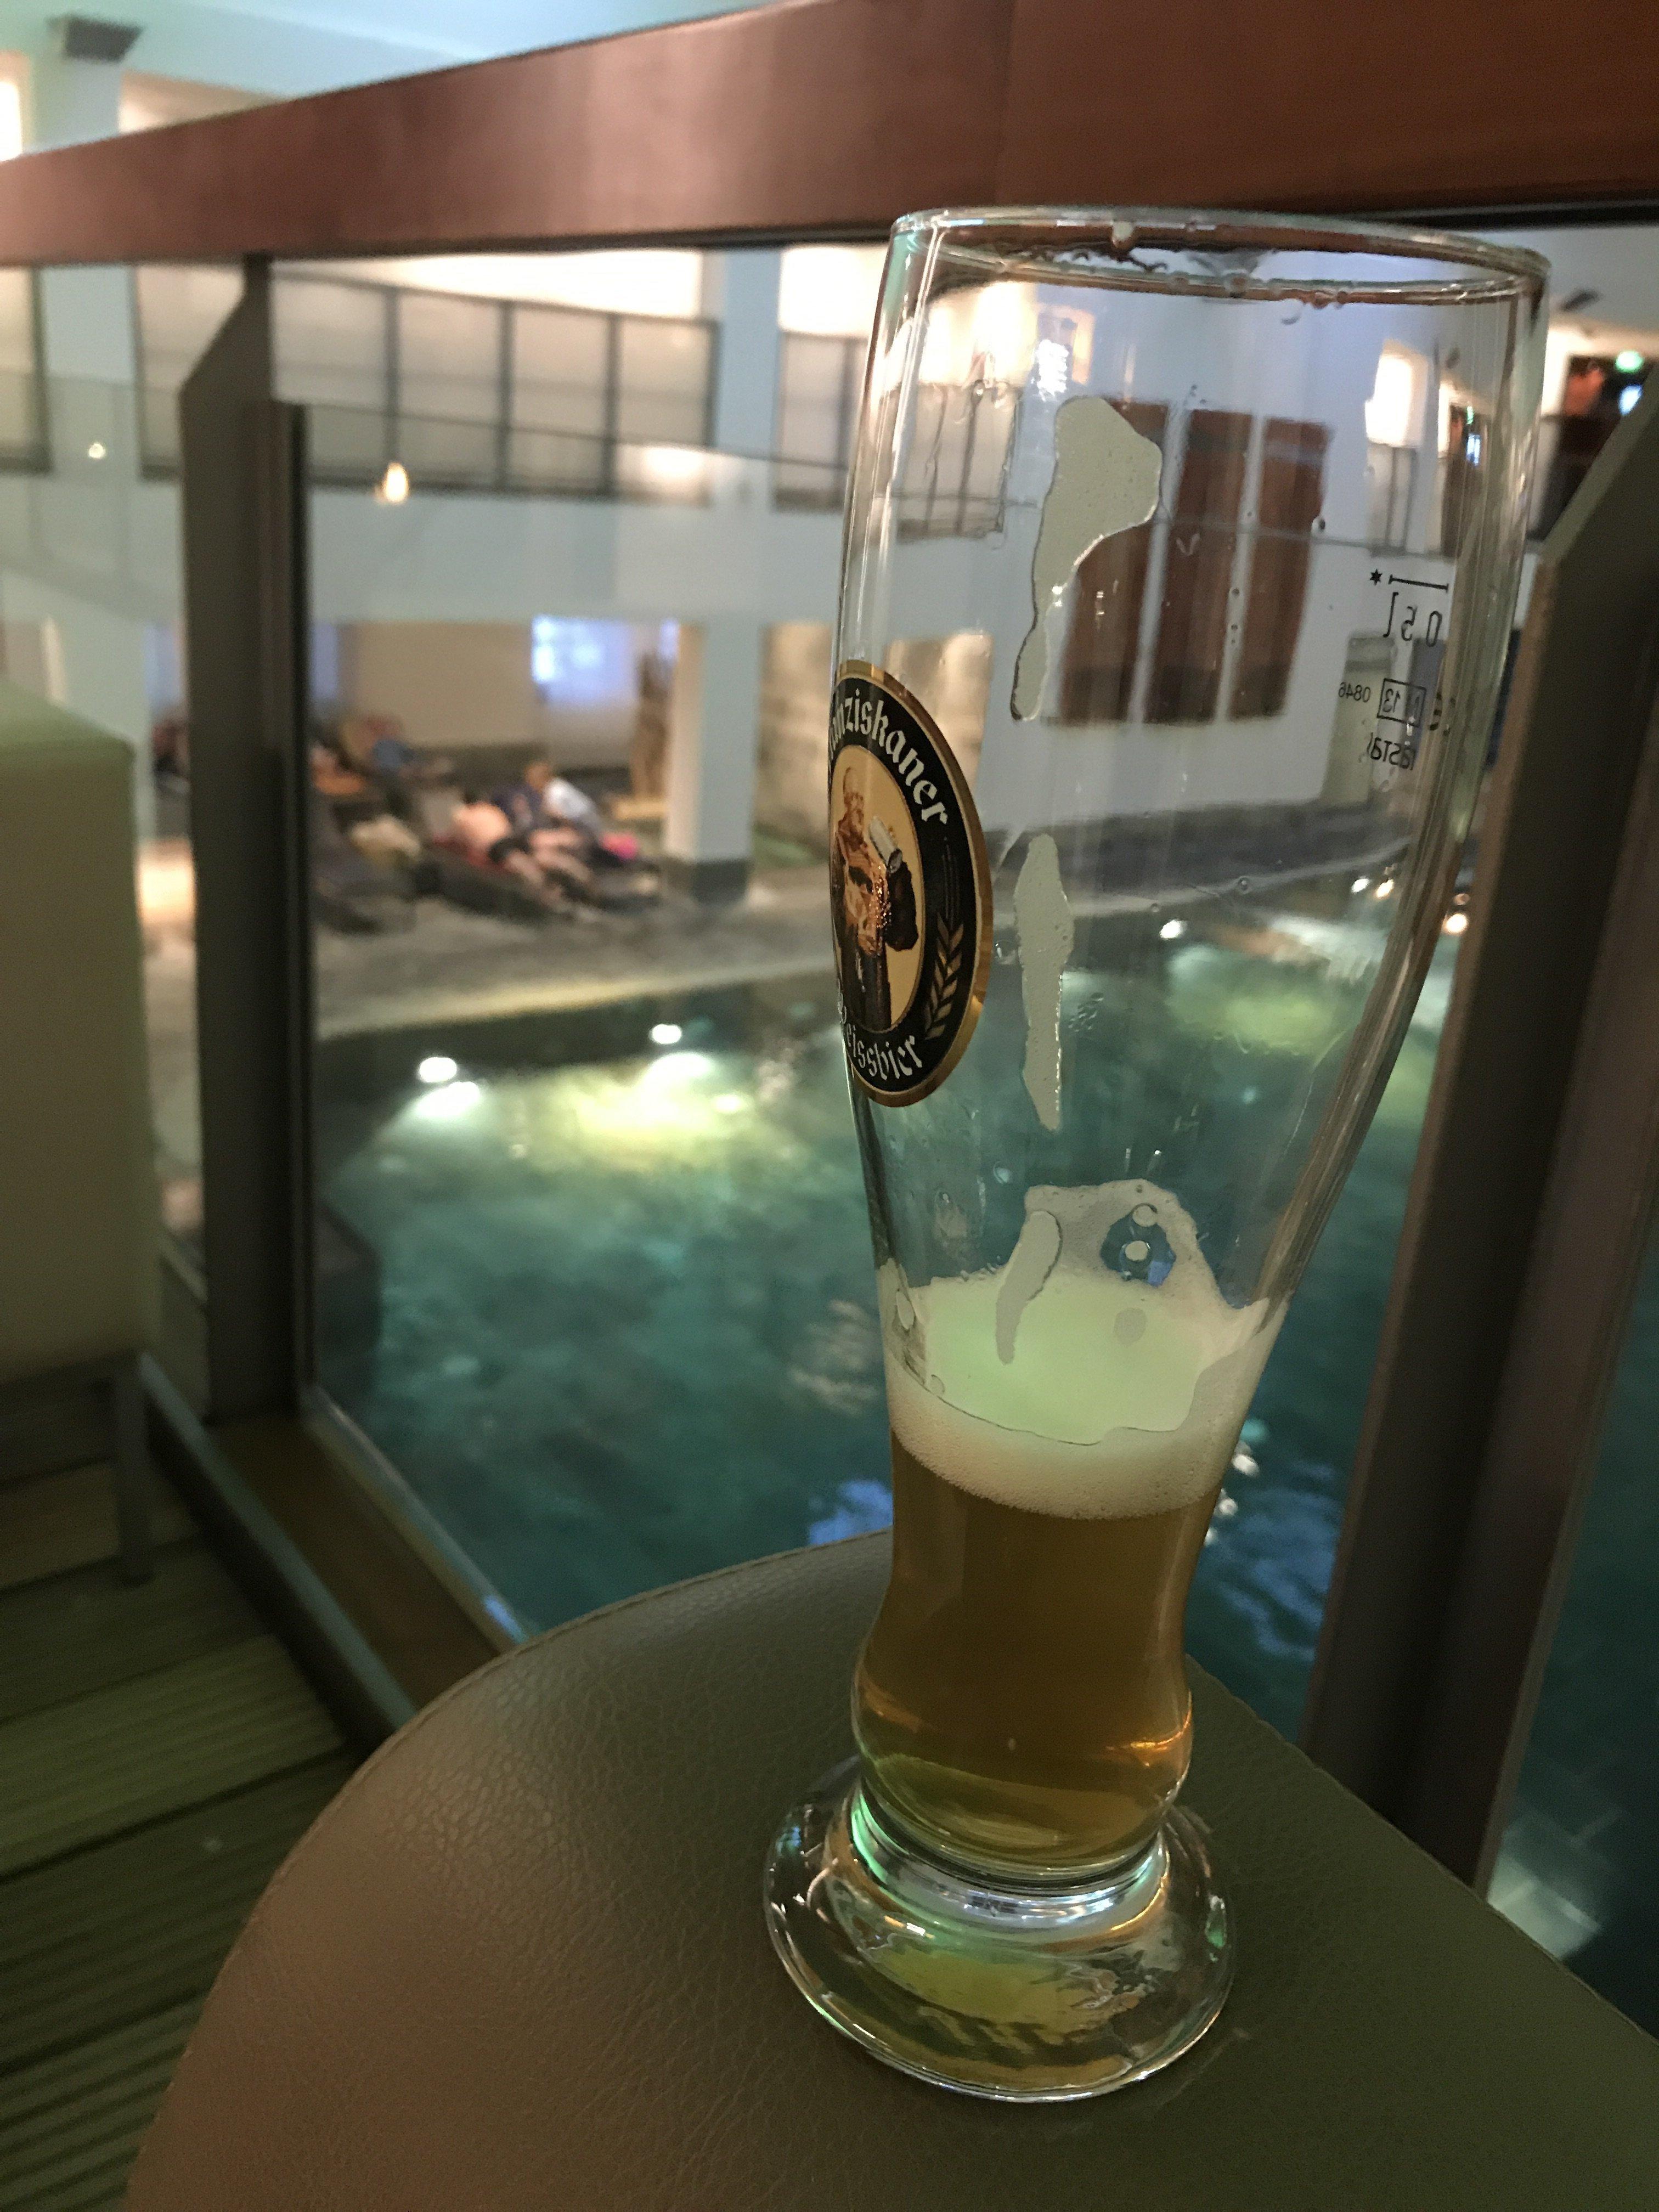 badehaus Ein Bier im badehaus